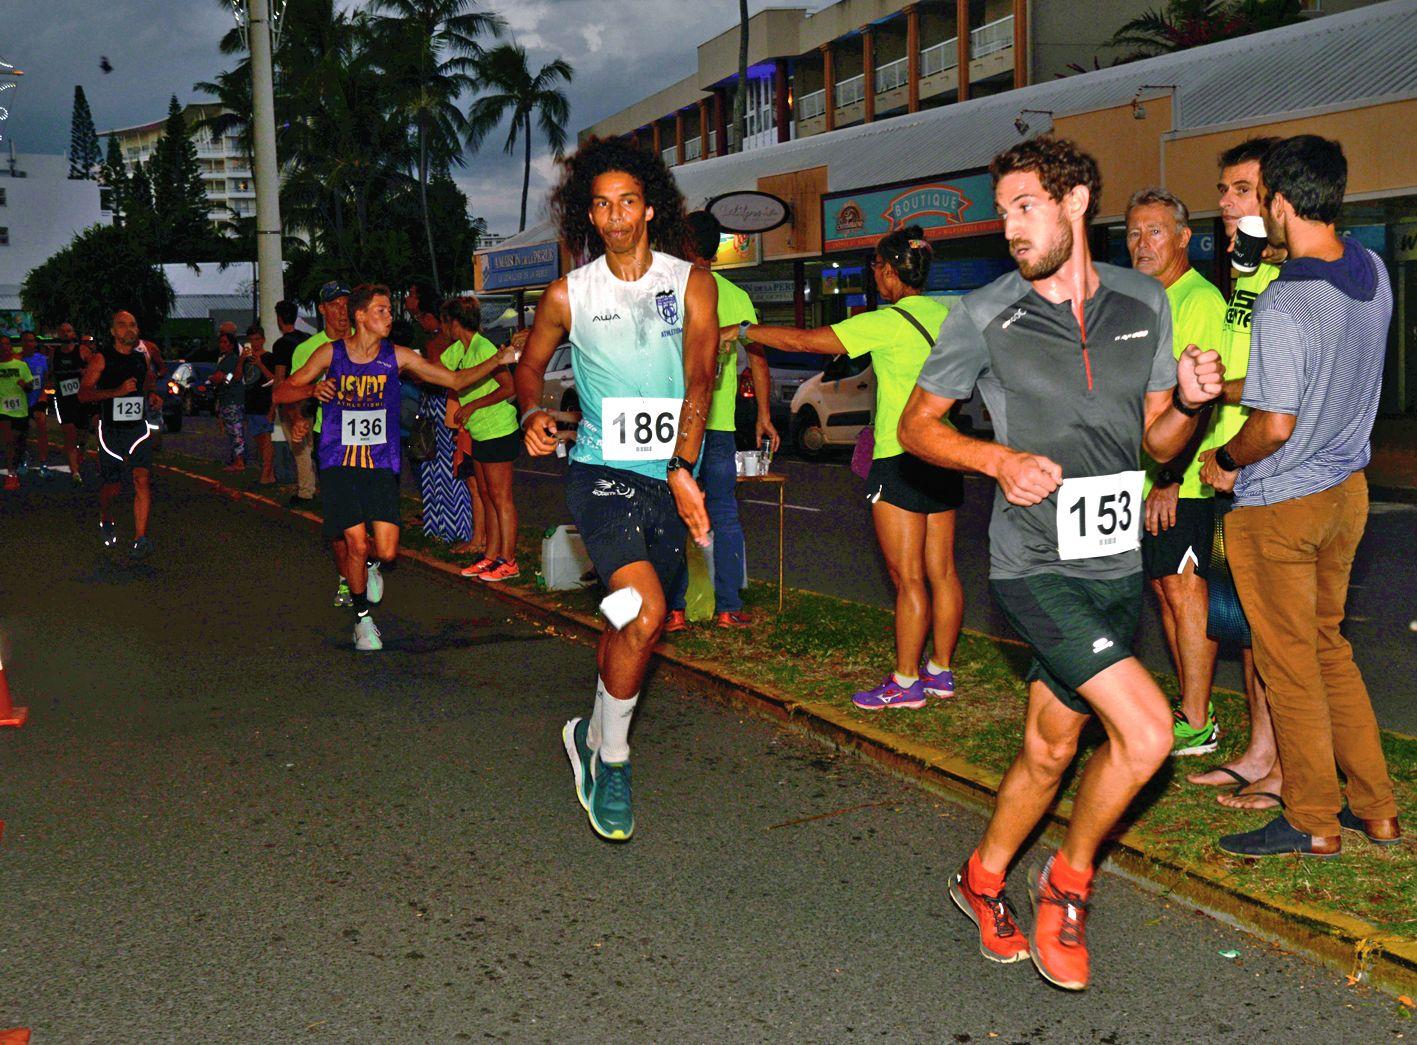 La relève est en marche ! Jérémiah N'Godrela (en bleu), 16 ans, s'est adjugé la deuxième place devant Maxime Dorner (en violet), 15 ans. C'est d'ailleurs au sprint que tout s'est joué entre les deux jeunes athlètes. Dans les derniers 500 mètres, le spécialiste du 800 mètres a acceléré, suivi de près par son cadet, qui ne réussira jamais à le rattraper.